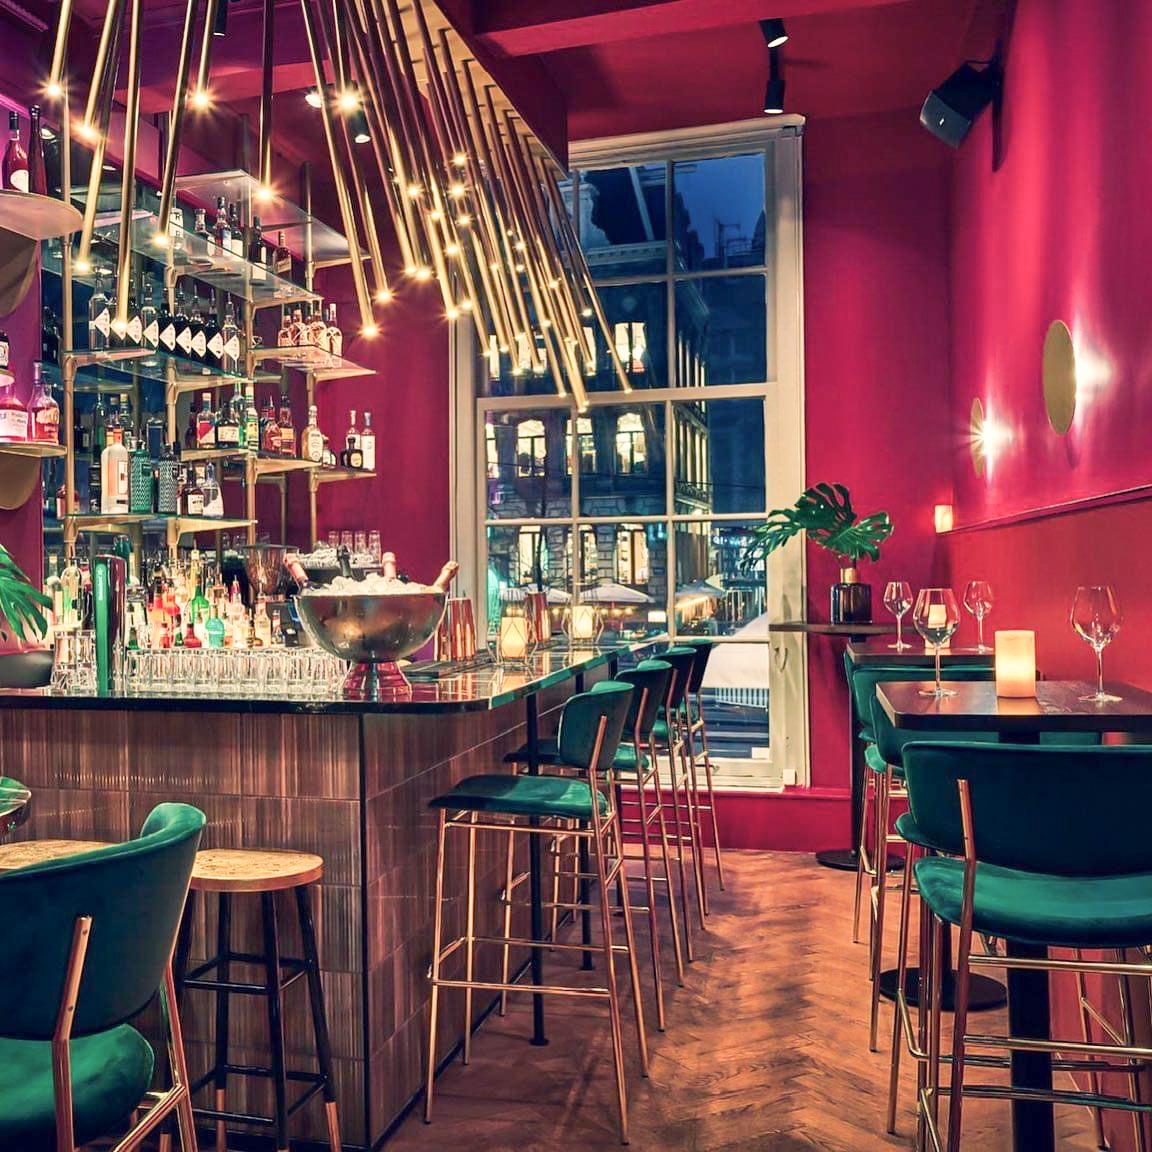 hotspots rokin - rokin amsterdam - hotspots amsterdam - rokin restaurants - amsterdam centrum hotspots - amsterdam centrum eten - restaurant amsterdam - satchmo